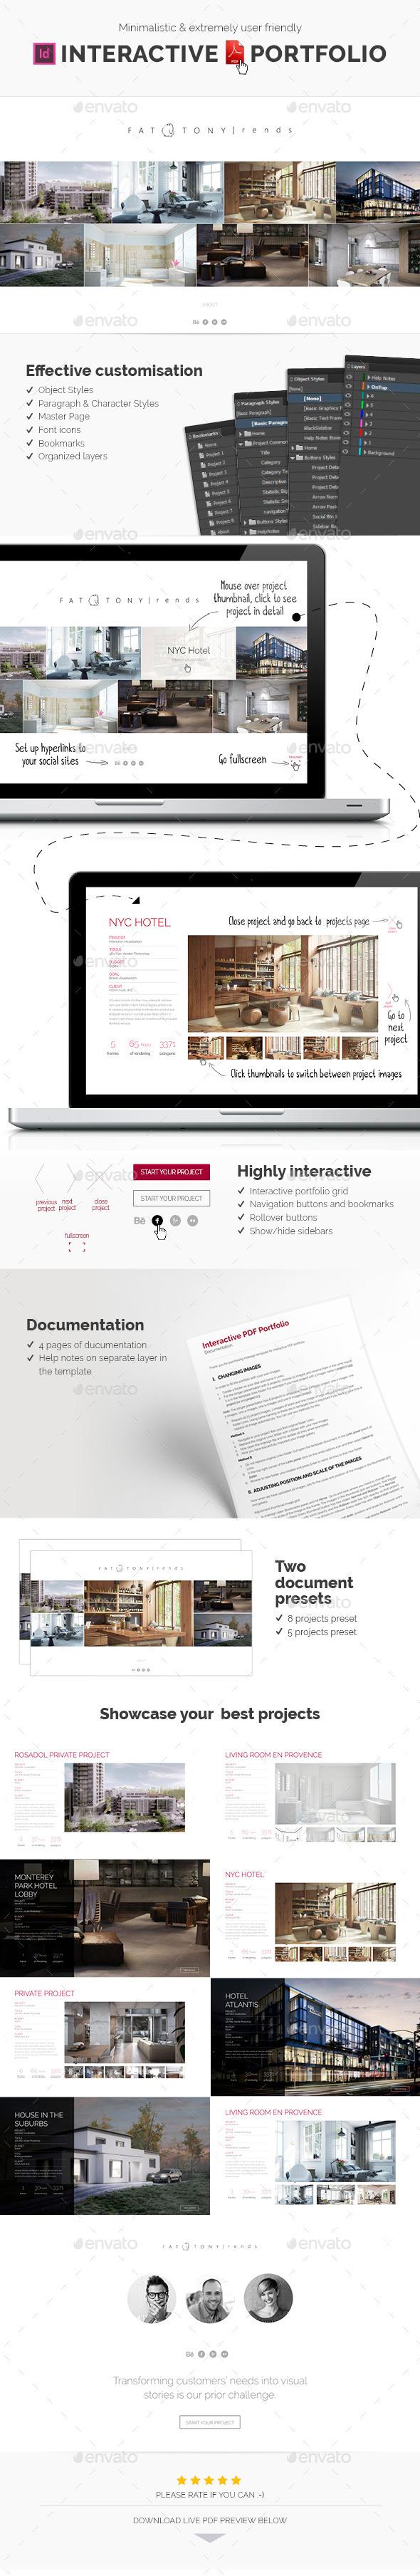 GraphicRiver Interactive PDF portfolio 11905094